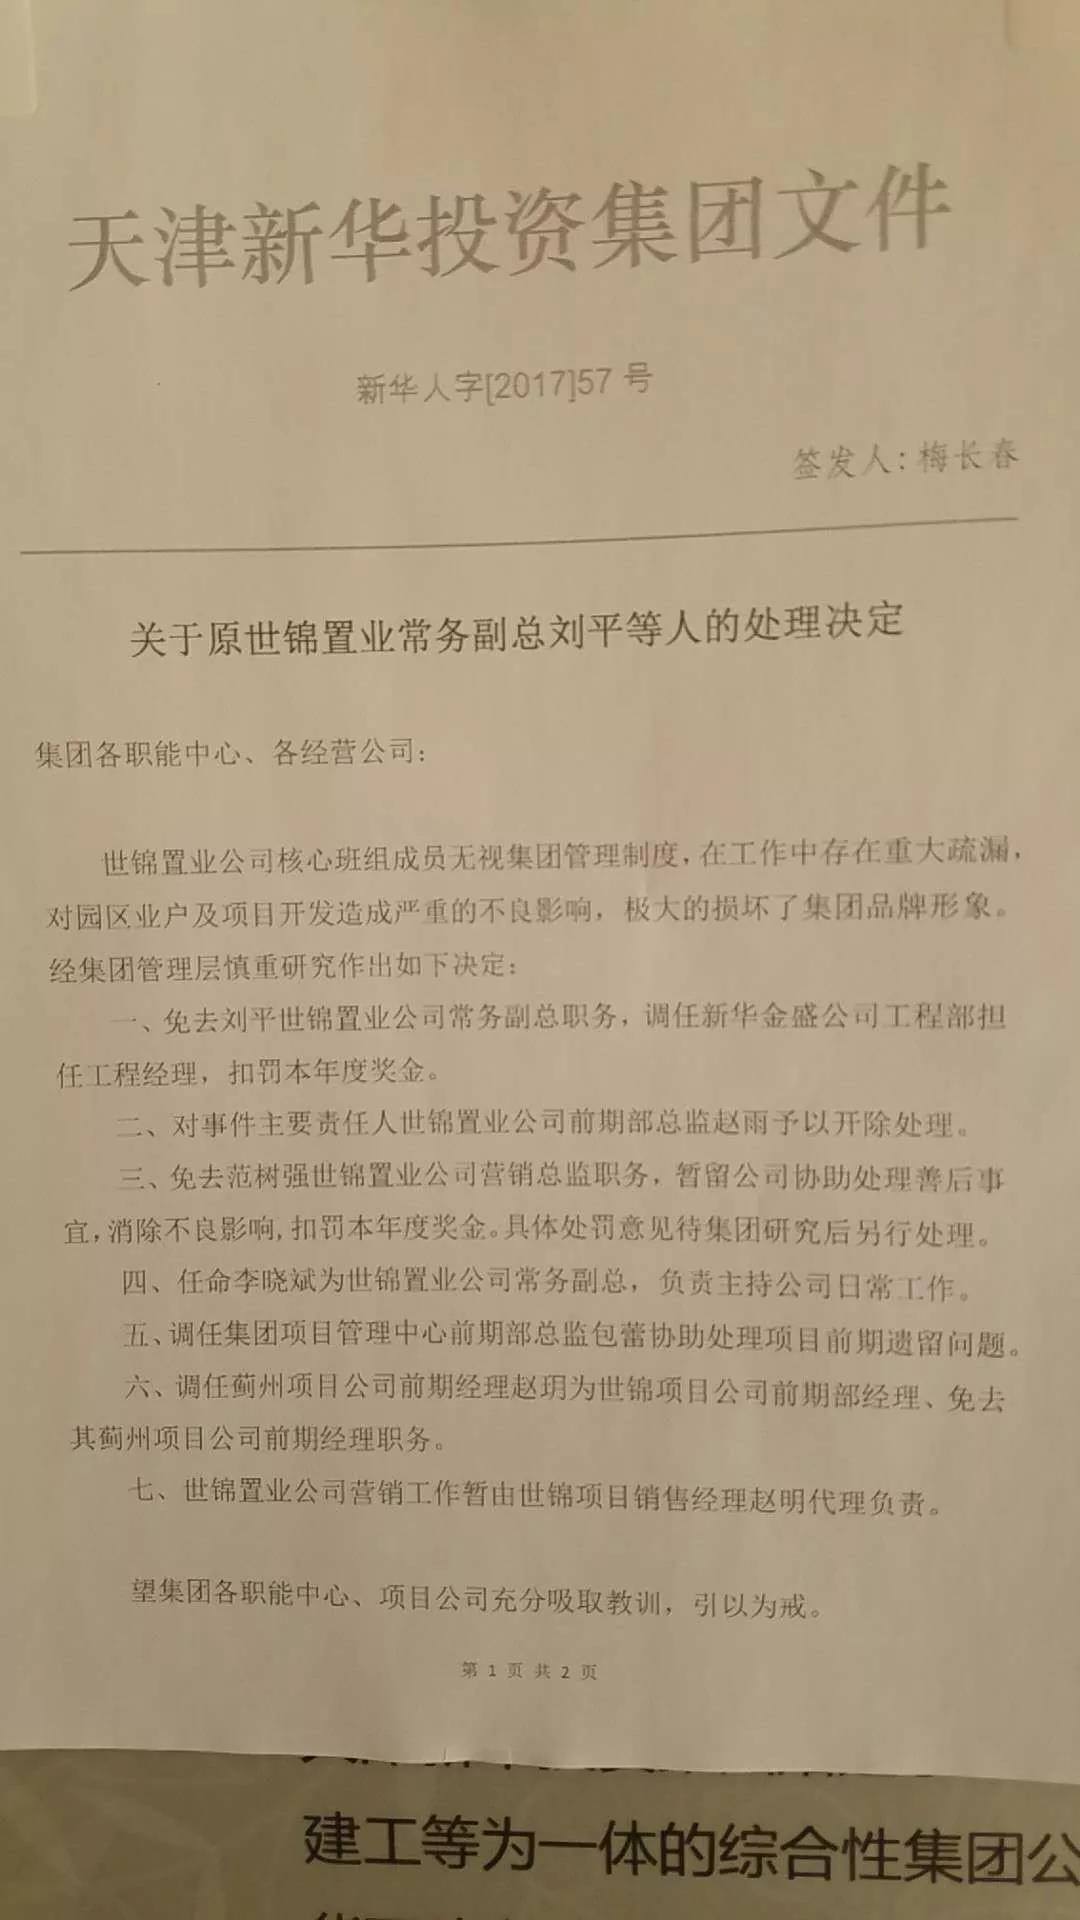 """三次变规激起拉锯战 """"接盘侠""""天津新华集团的困局4.jpg"""